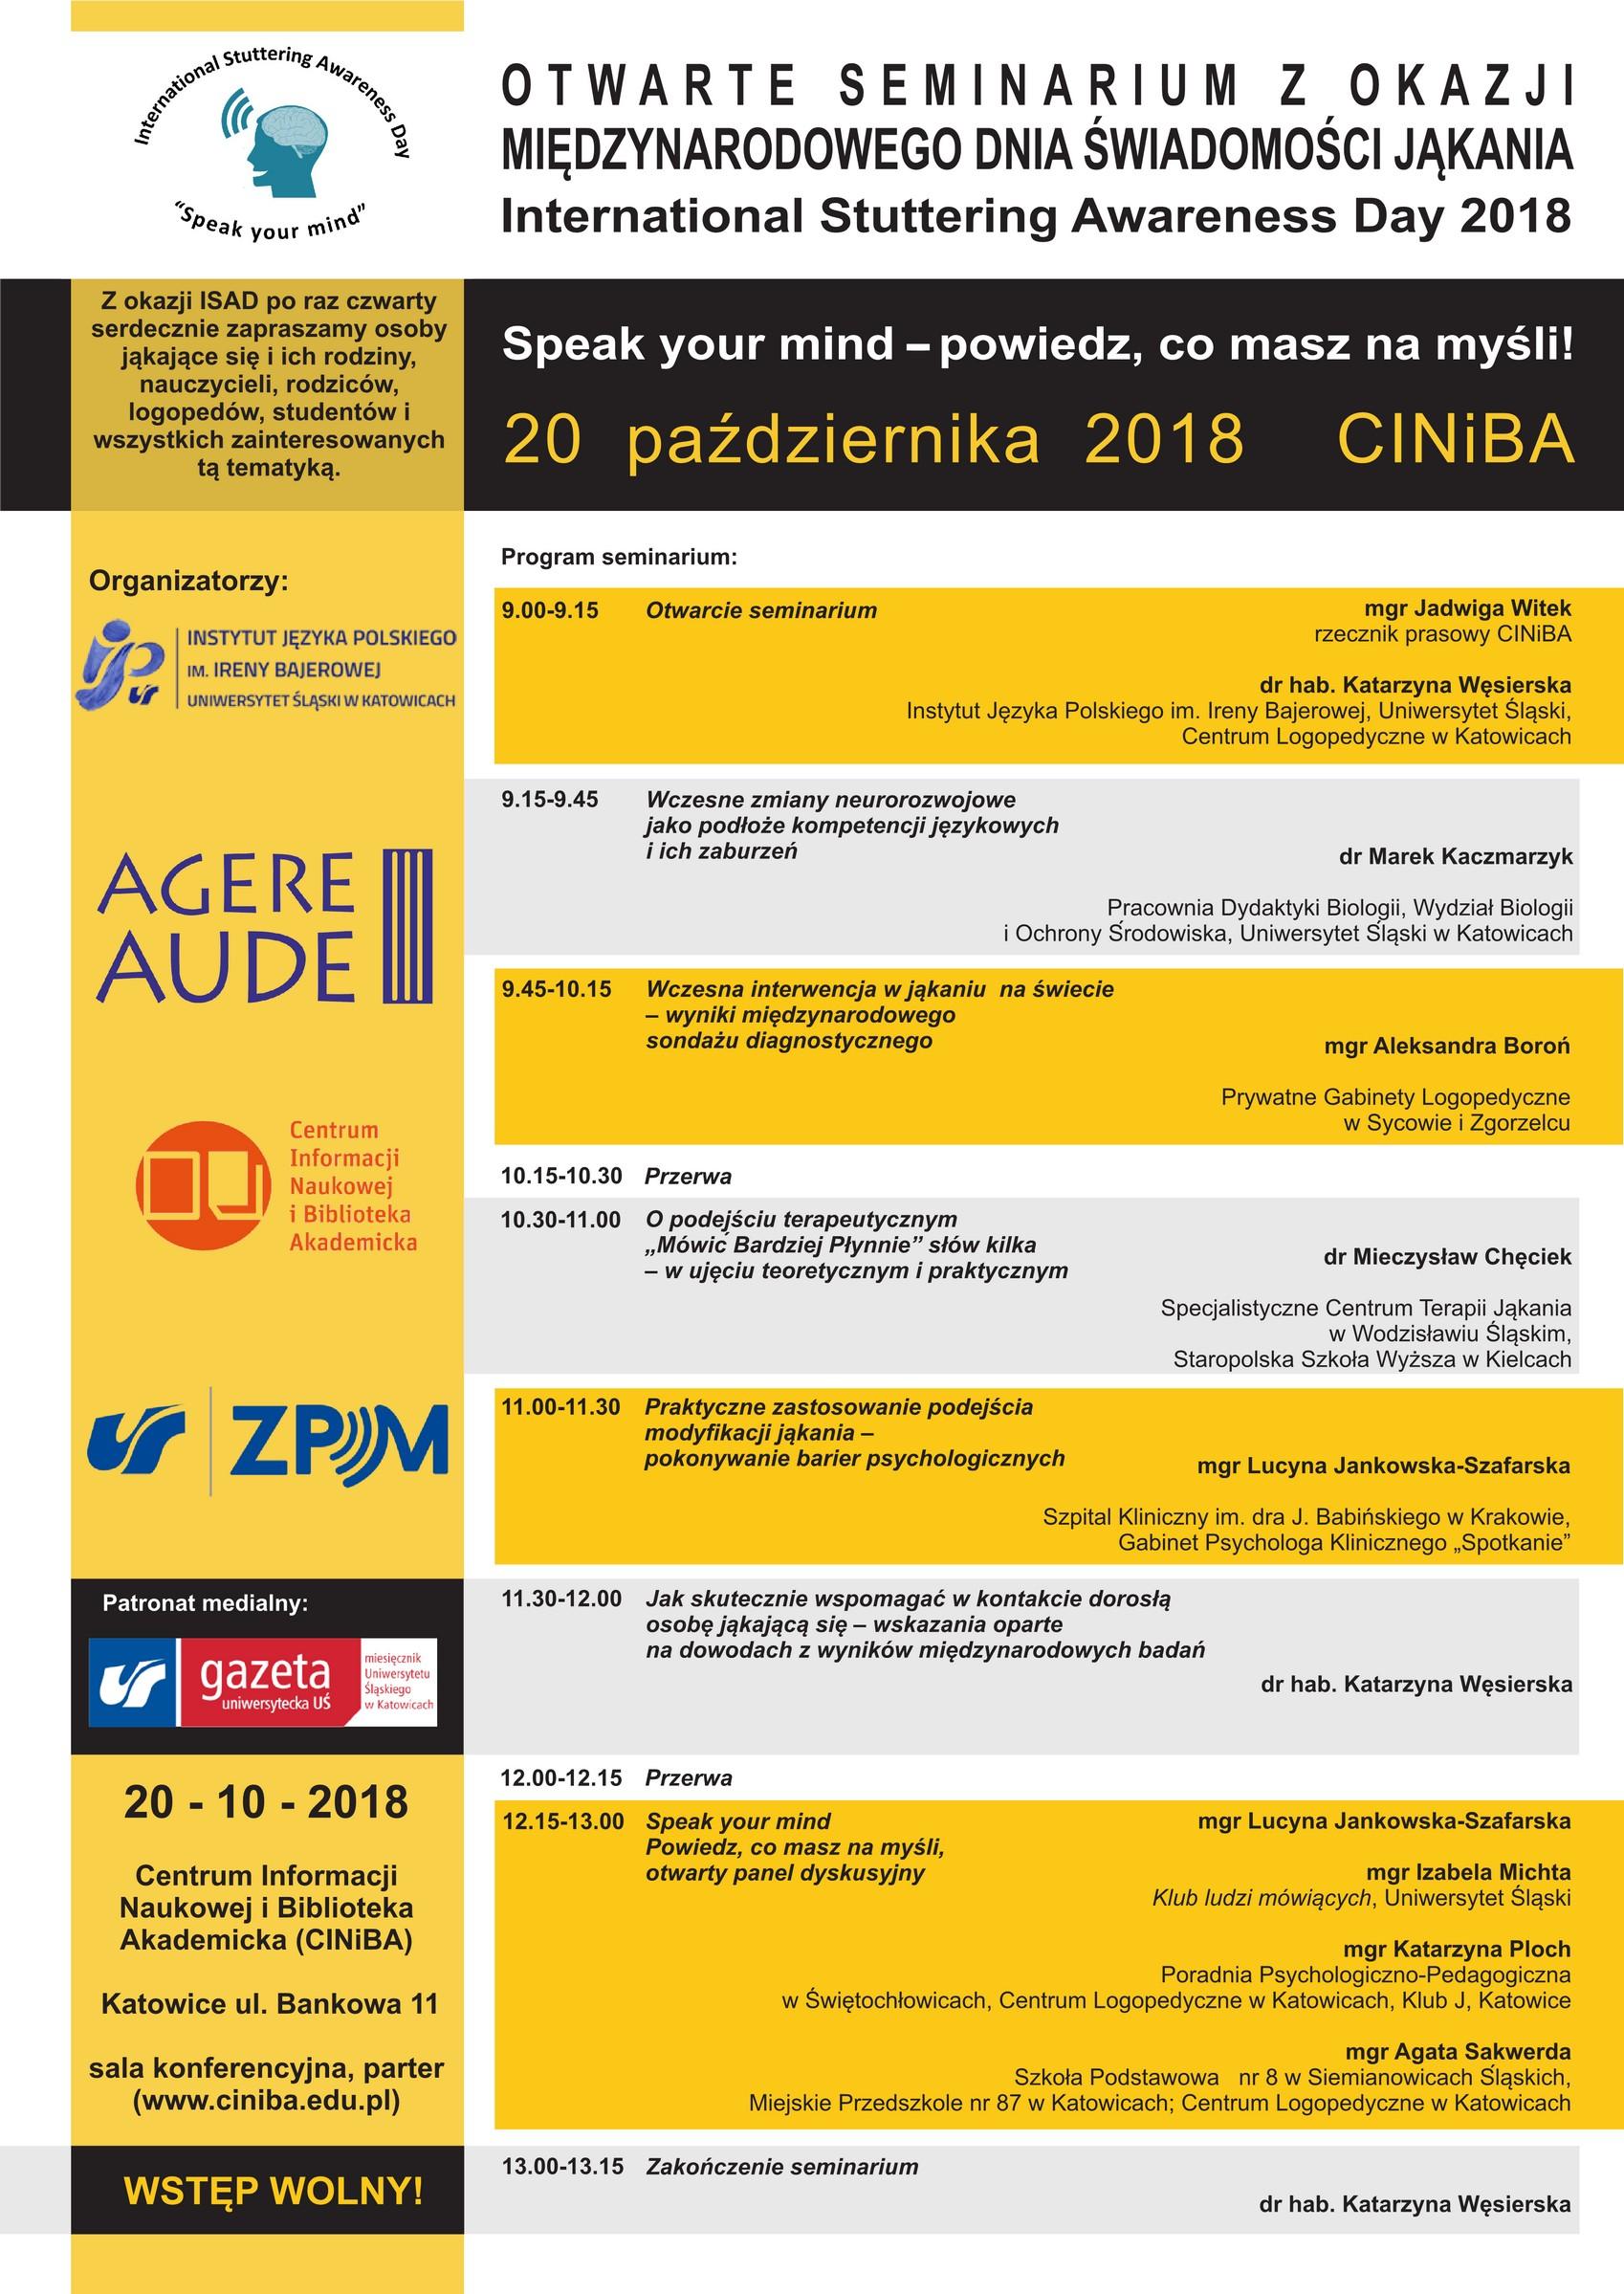 Zaproszenie Na Seminariumkonferencję Z Okazji Isad W Katowicach Na